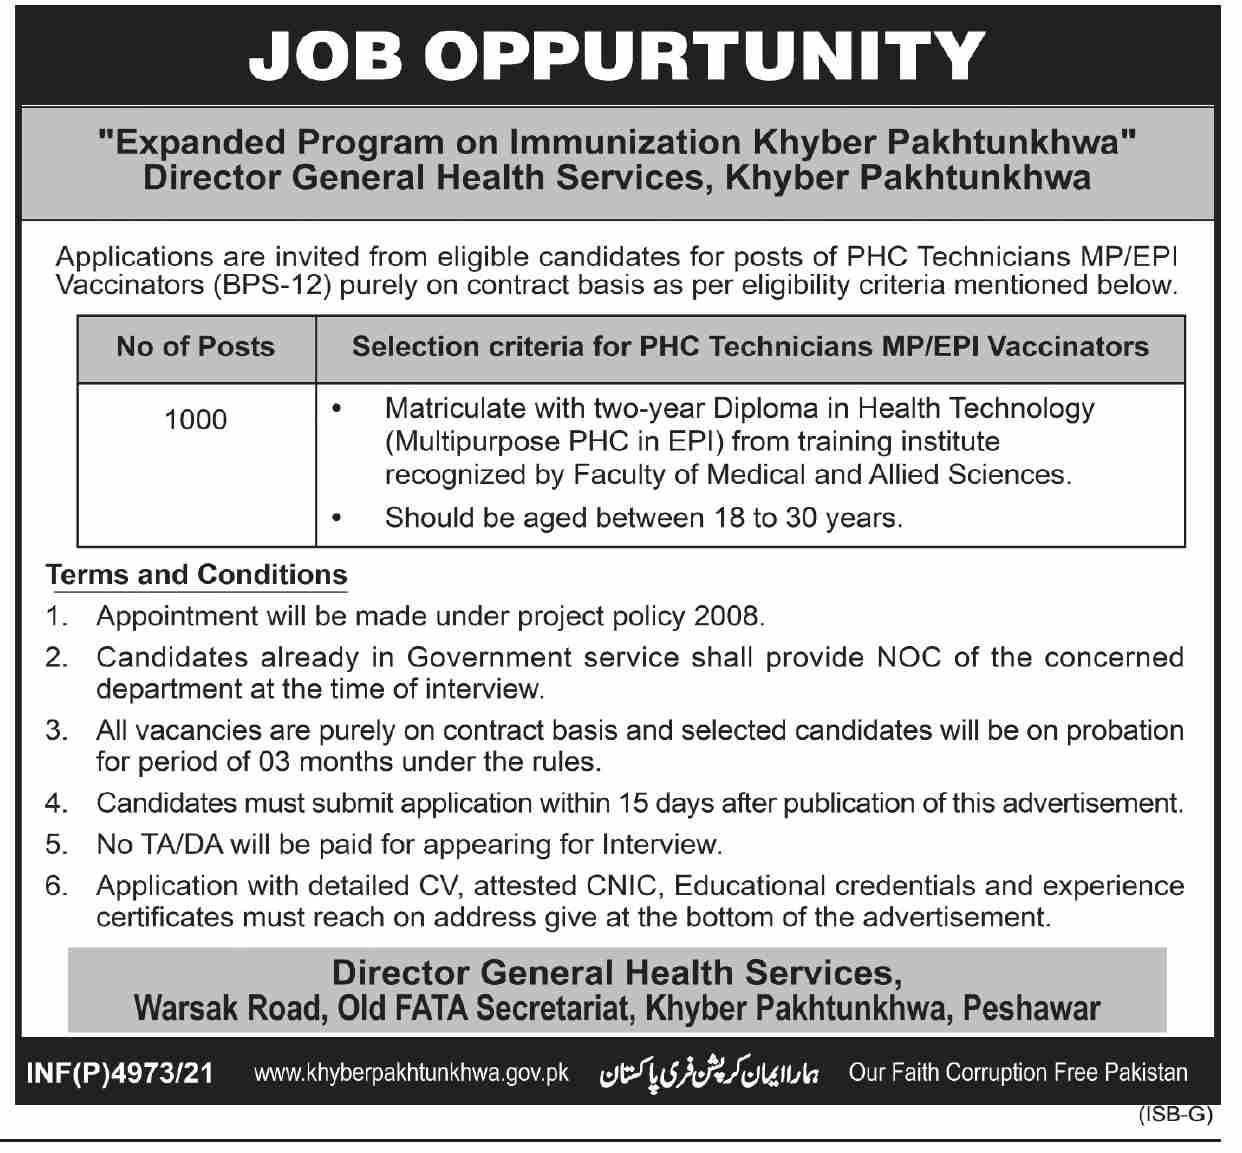 KPK Health Department Jobs 2021 Apply Online PHC Technicians Vaccinators